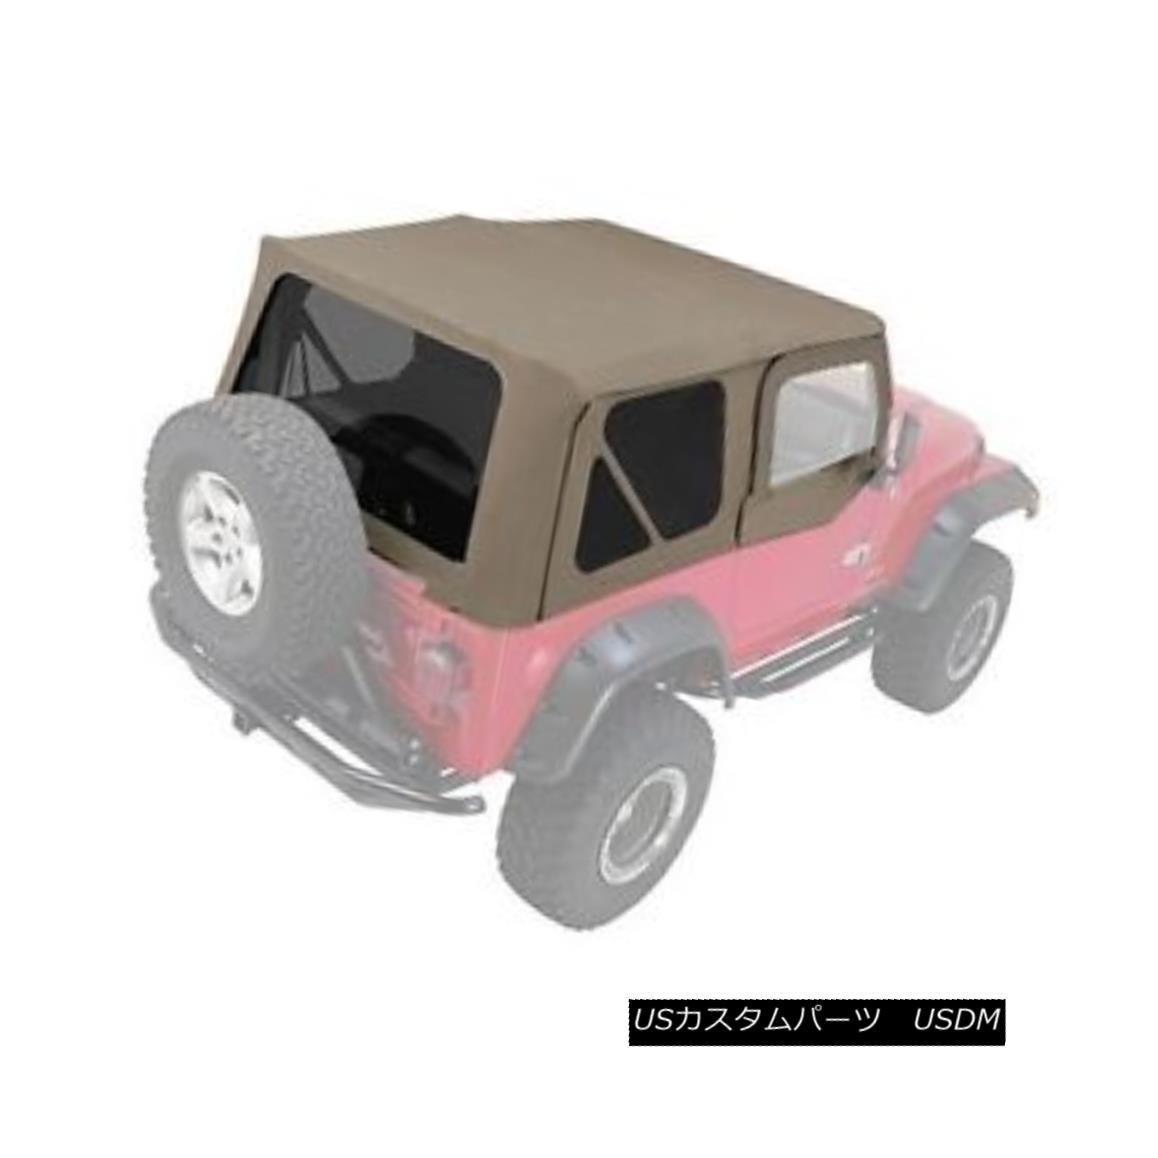 幌・ソフトトップ Rampage Complete Soft Top w/ Frame & Tint 97-06 Jeep Wrangler TJ 68536 Khaki ランペイジコンプリートソフトトップ(フレーム& ティント97-06ジープラングラーTJ 68536カーキ